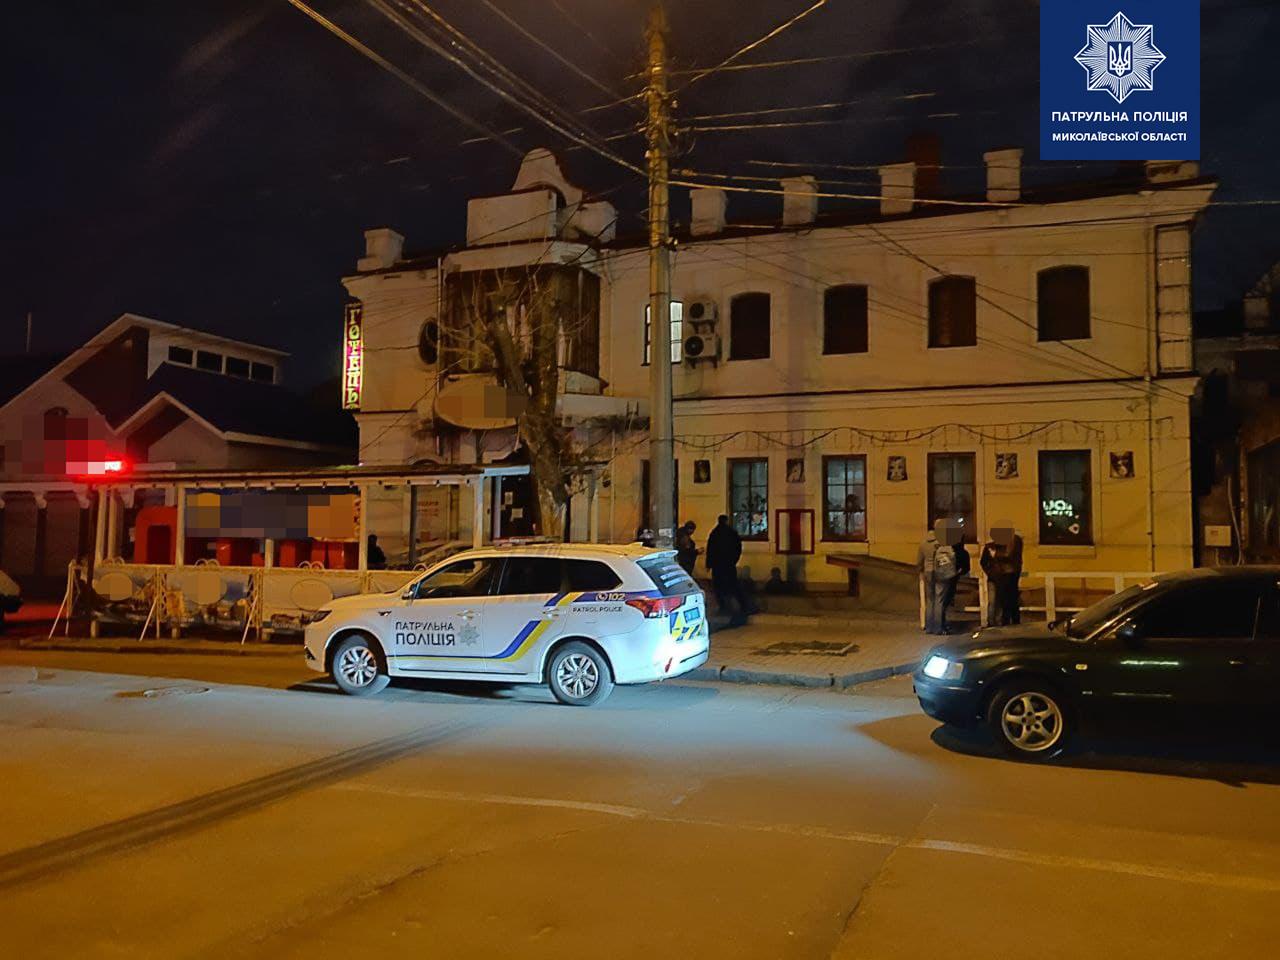 В Николаеве некоторые заведения после запрета продолжают работать «подпольно»